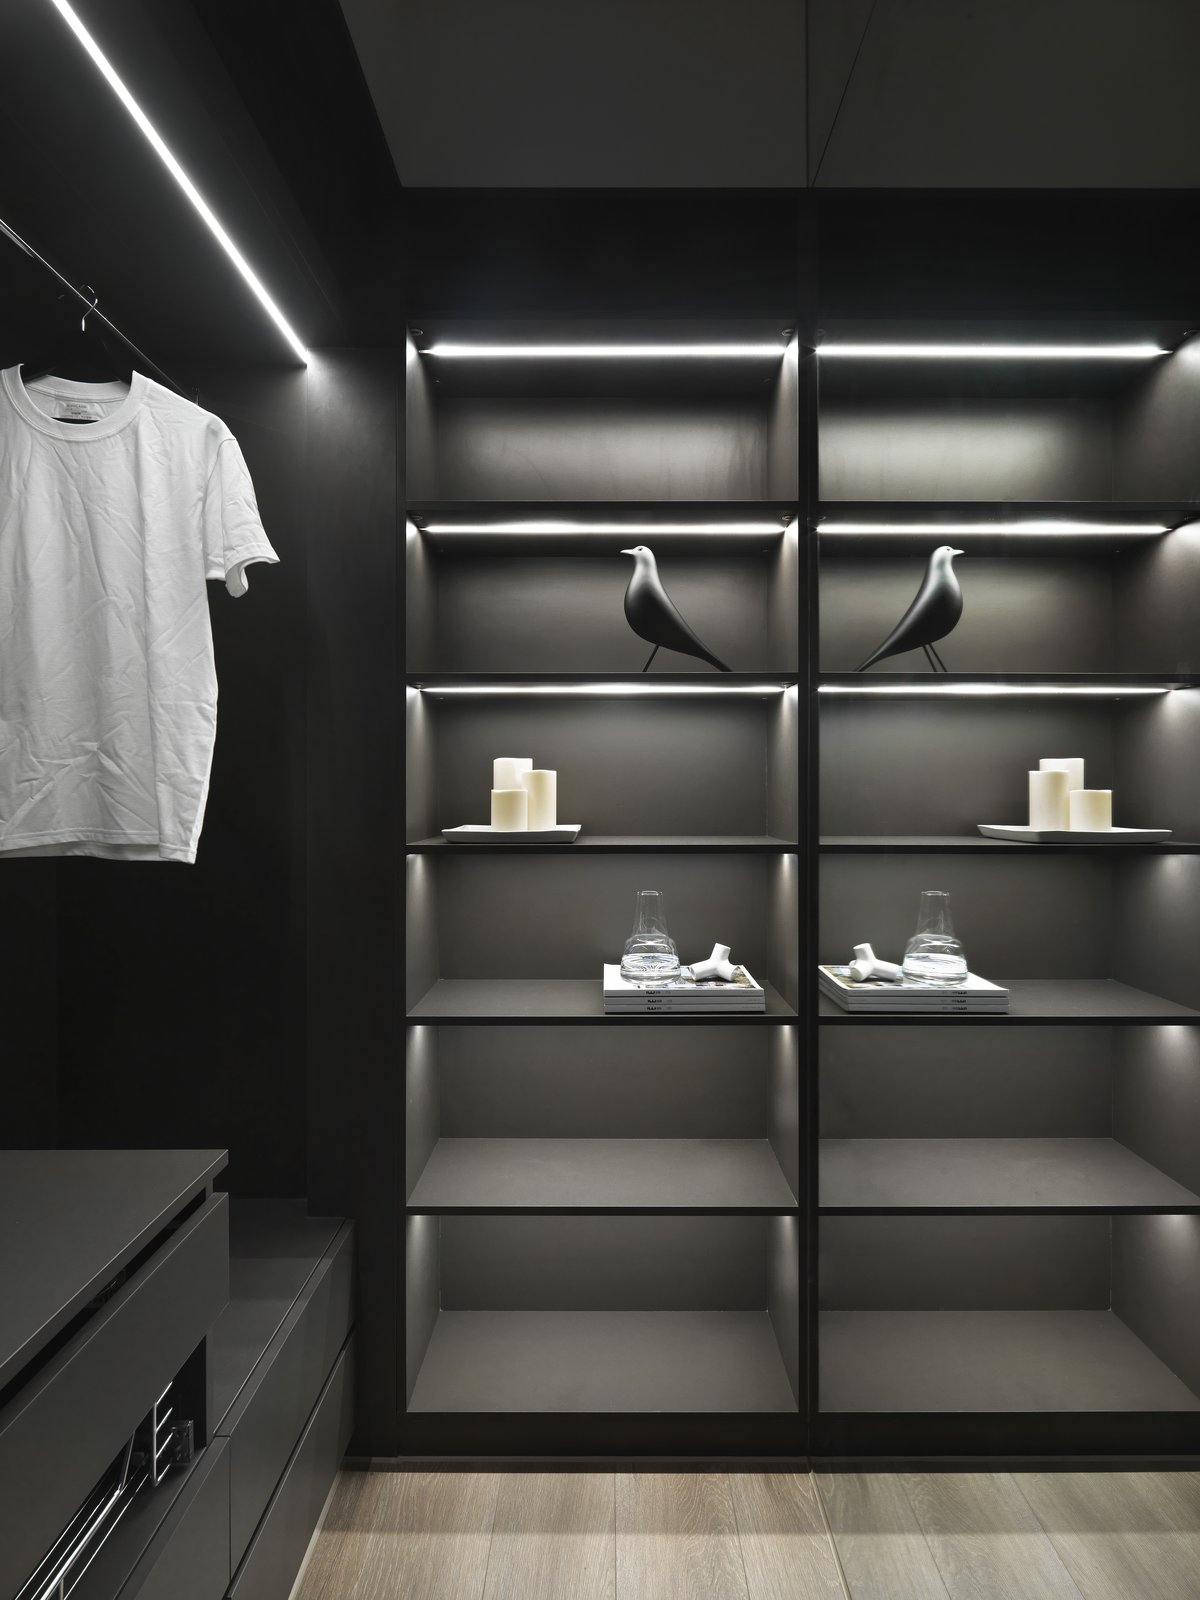 带储藏室和壁橱储藏类型的现代住宅。 日常生活的隐形秩序照片21